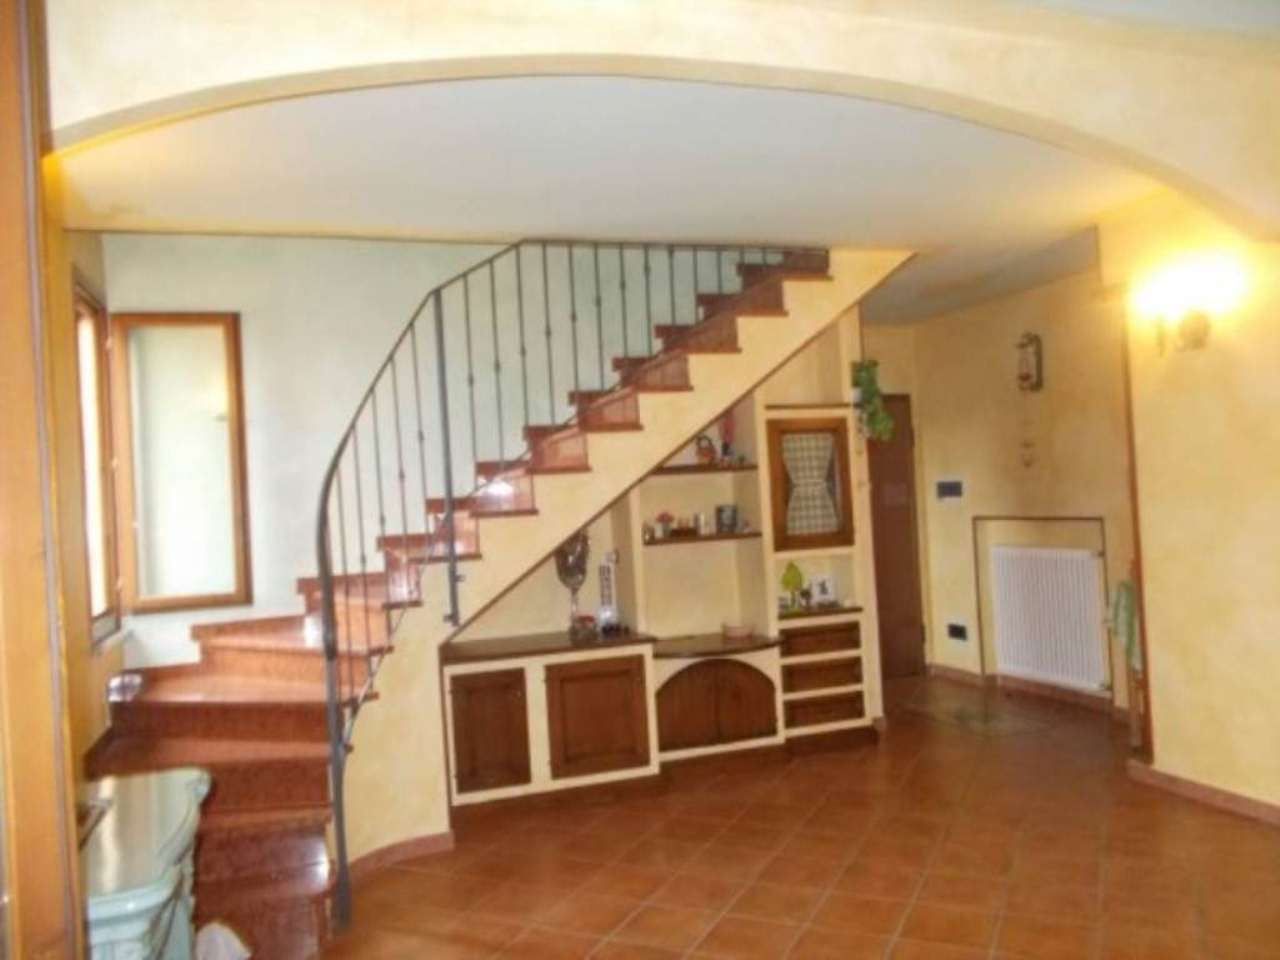 Appartamento in vendita a San Polo d'Enza, 4 locali, Trattative riservate | Cambio Casa.it